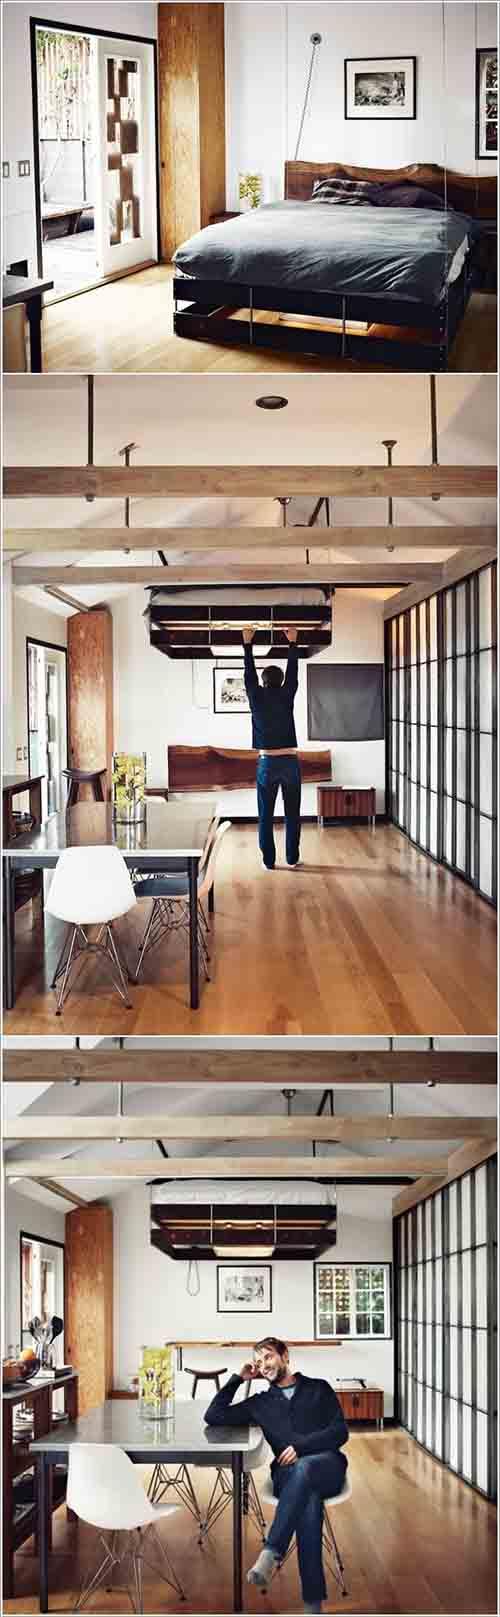 Với chiếc giường treo có thể nâng lên hạ xuống này giúp bạn tận dụng được rất nhiều không gian tiện ích trong ngôi nhà.